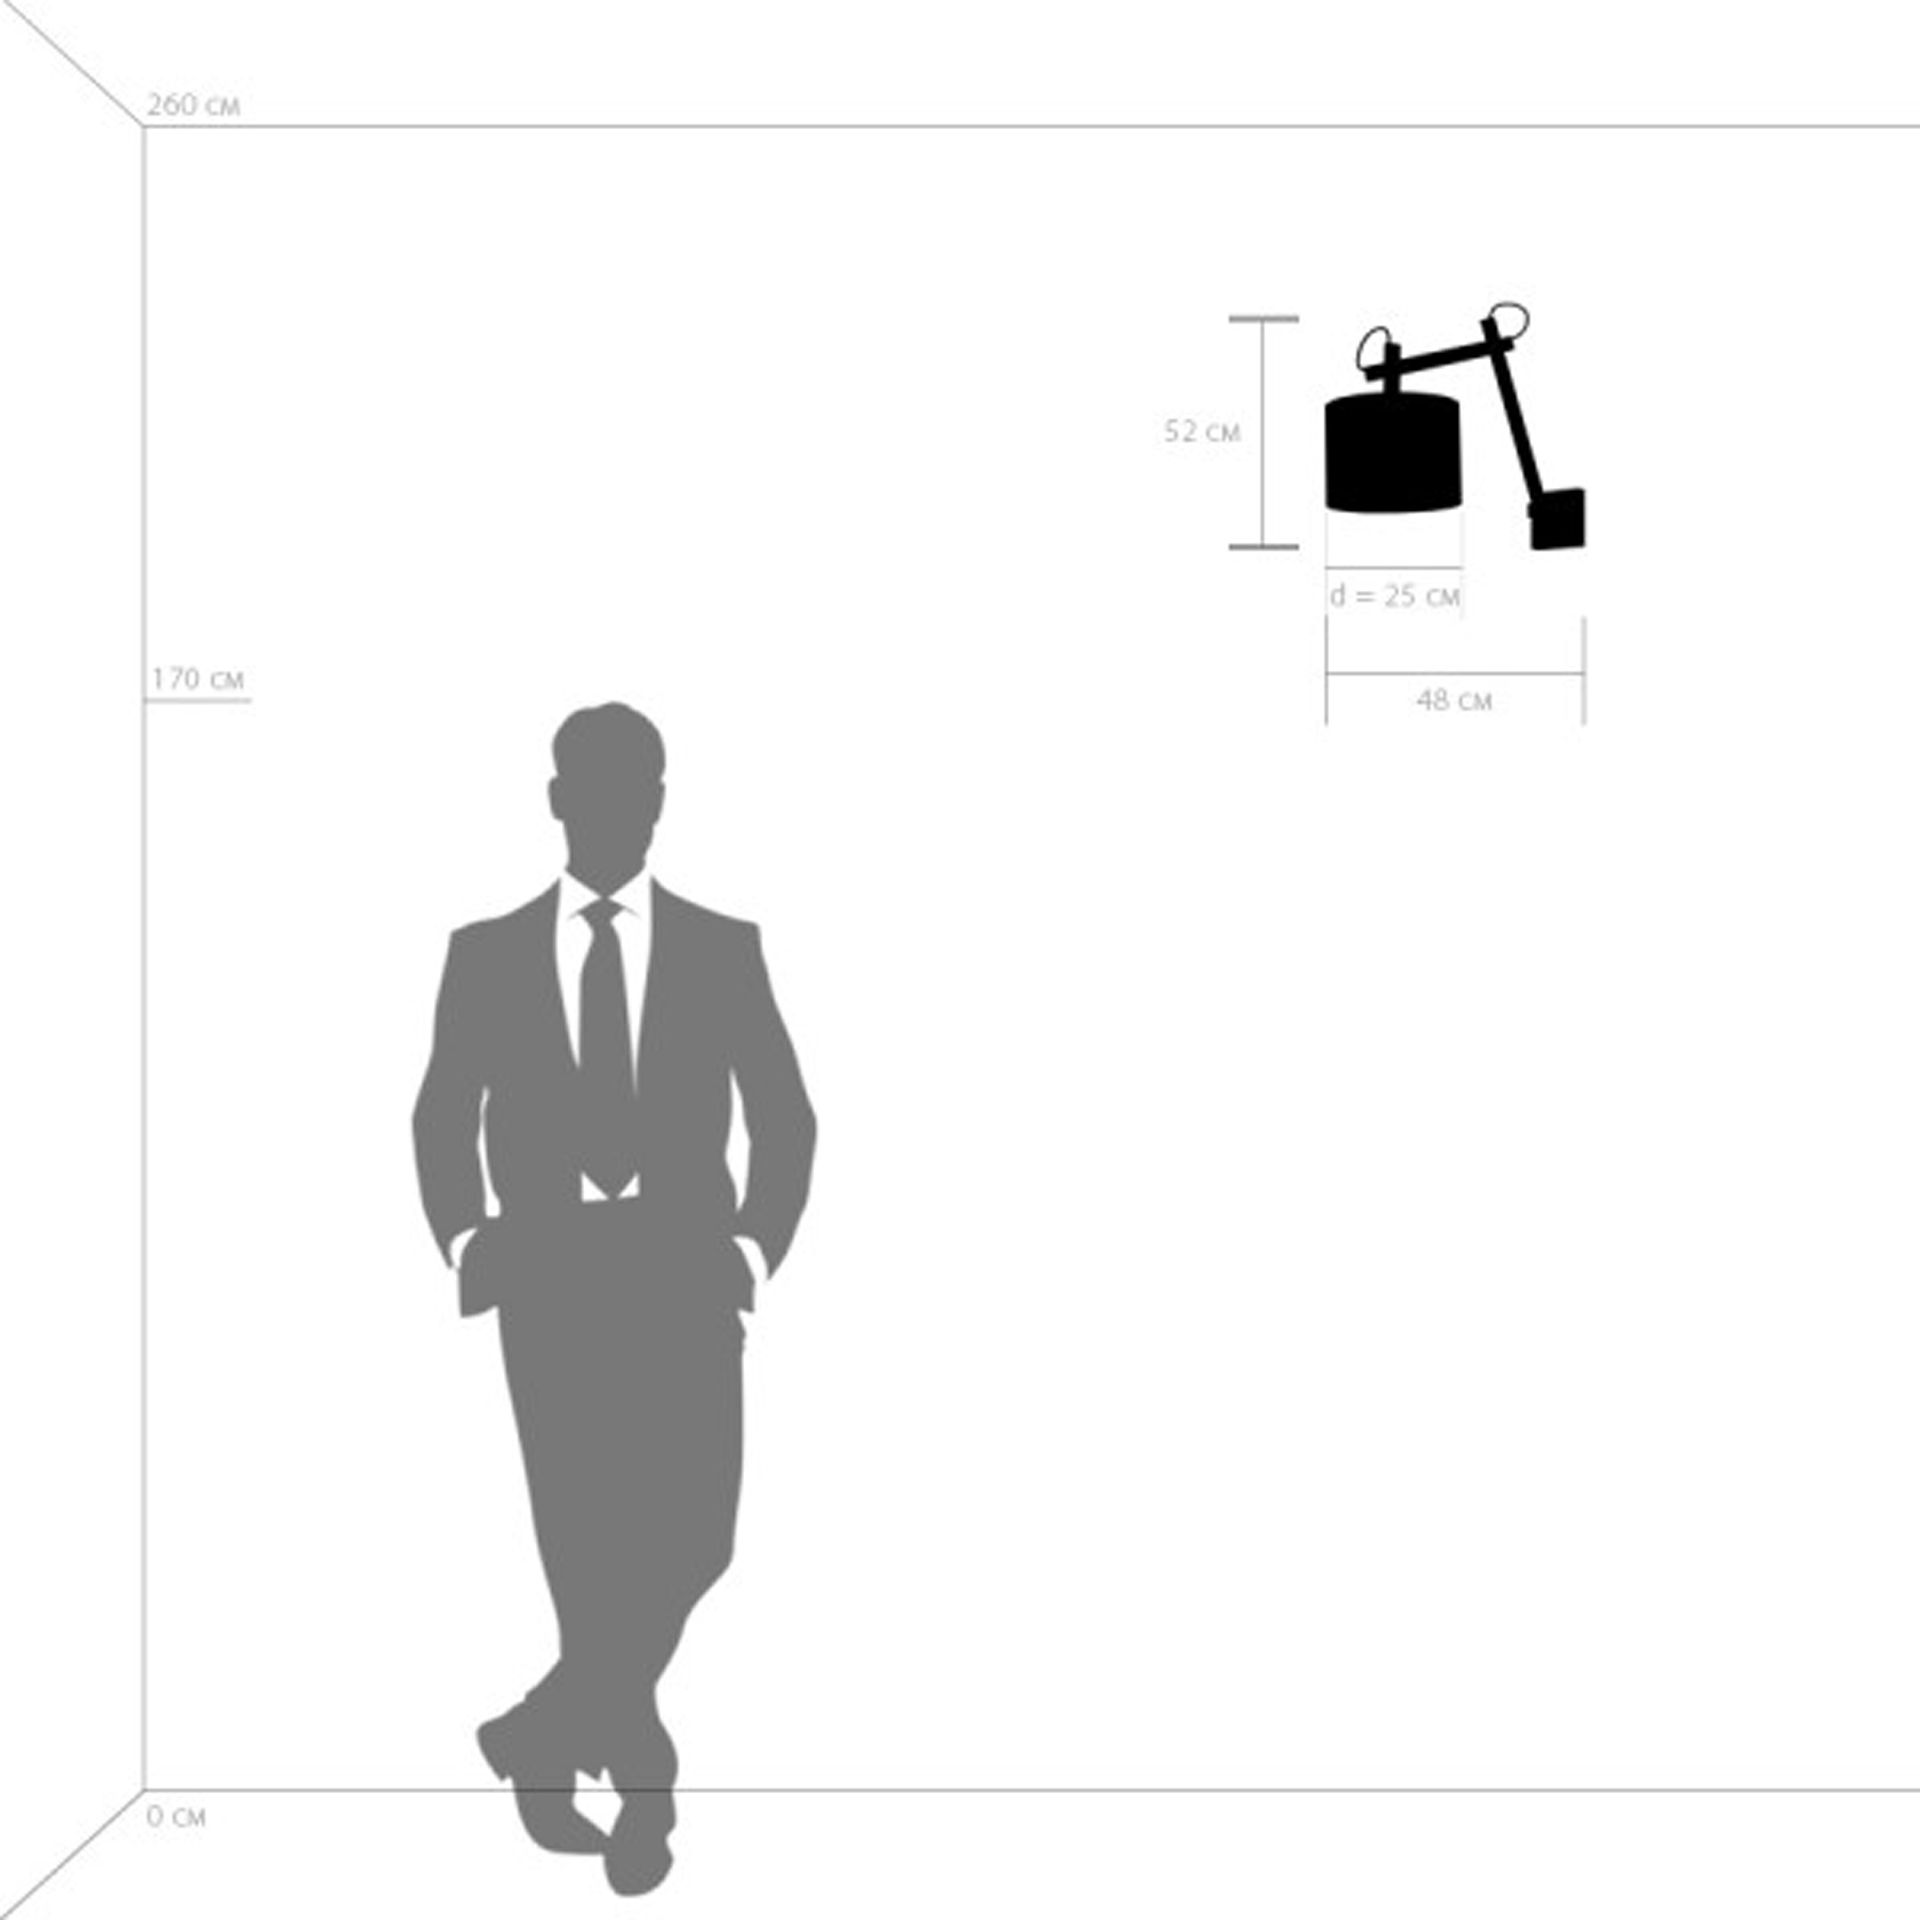 Бра MECCANO 1х60W E27 хром / белый ткань Lightstar 766619, купить в СПб, Москве, с доставкой, Санкт-Петербург, интернет-магазин люстр и светильников Starlight, фото в жизни